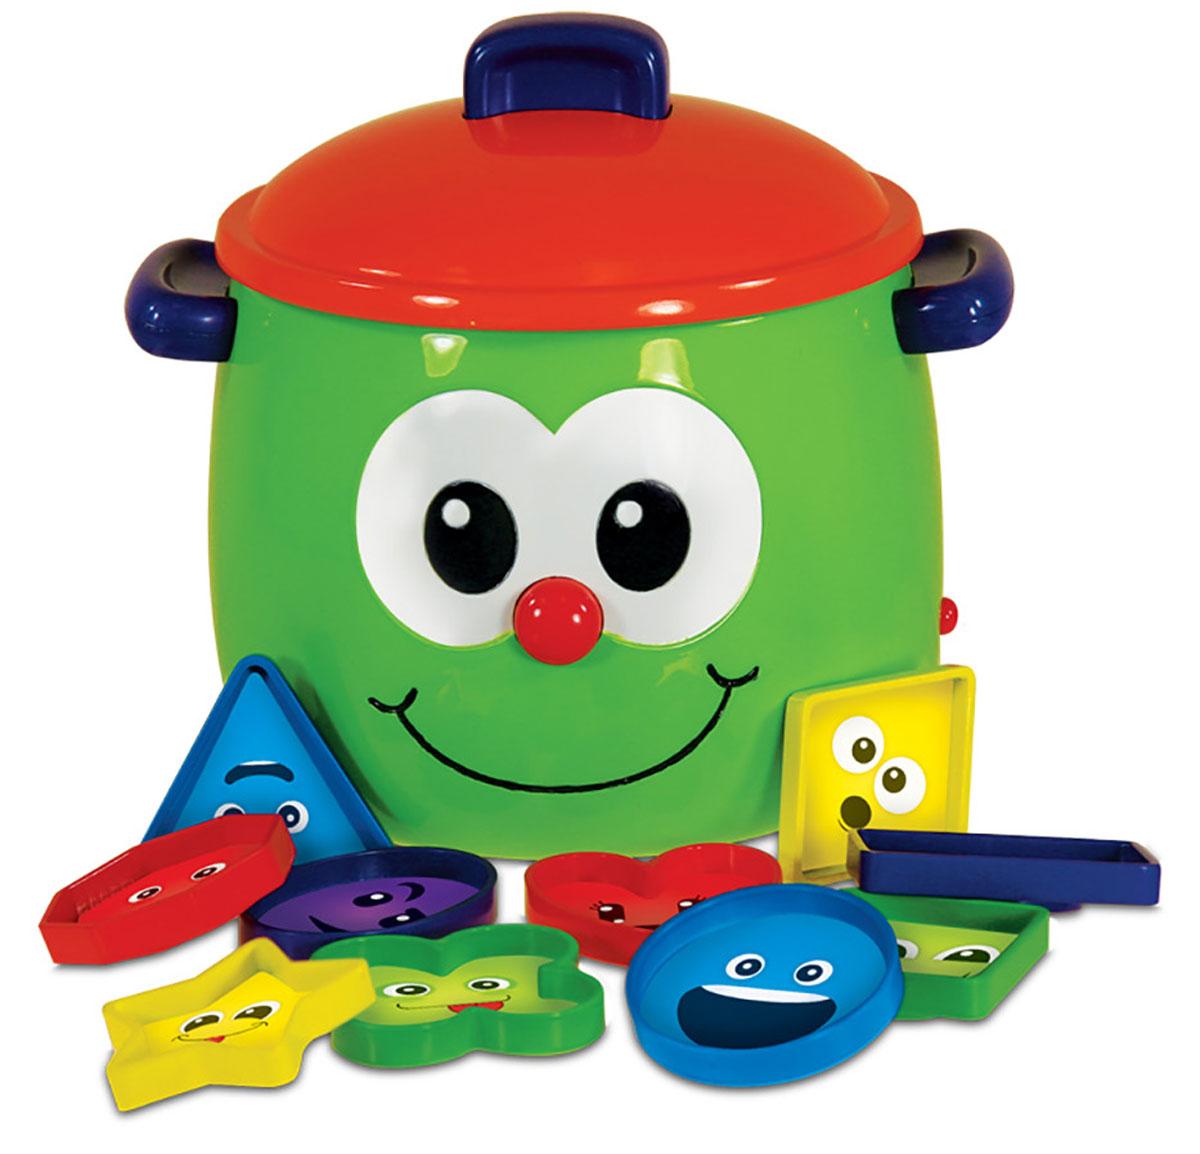 Learning Journey Развивающая игрушка Забавный горшочек208410Развивающая игрушка Learning Journey Забавный горшочек - это веселая и полезная игрушка для малыша. Благодаря ей малыш легко выучит цвета и формы! Игрушка выполнена из яркого пластика в виде горшочка с забавной улыбающейся мордочкой. Класть формочки внутрь говорящего горшочка-баночки и доставать их оттуда - веселый способ для малыша узнать цвета и познакомиться с формами. Два режима игры: Давай изучать формы и Найди правильную форму помогут в этом! Задача игры - складывать в горшочек фигурки, и он их будет называть, воспроизводя интересные звуковые и световые эффекты. На фигурках изображены мордочки разных цветов и форм. Ваш ребенок легко подружится с этой интересной игрушкой. У горшочка предусмотрена функция автоматического отключения. Игры с такой игрушкой развивают мелкую моторику, воображение, звуковое и цветовое восприятие малыша. Ваш малыш обязательно полюбит Забавный горшочек, он позволит ему весело и с пользой провести время и сделает обучение...